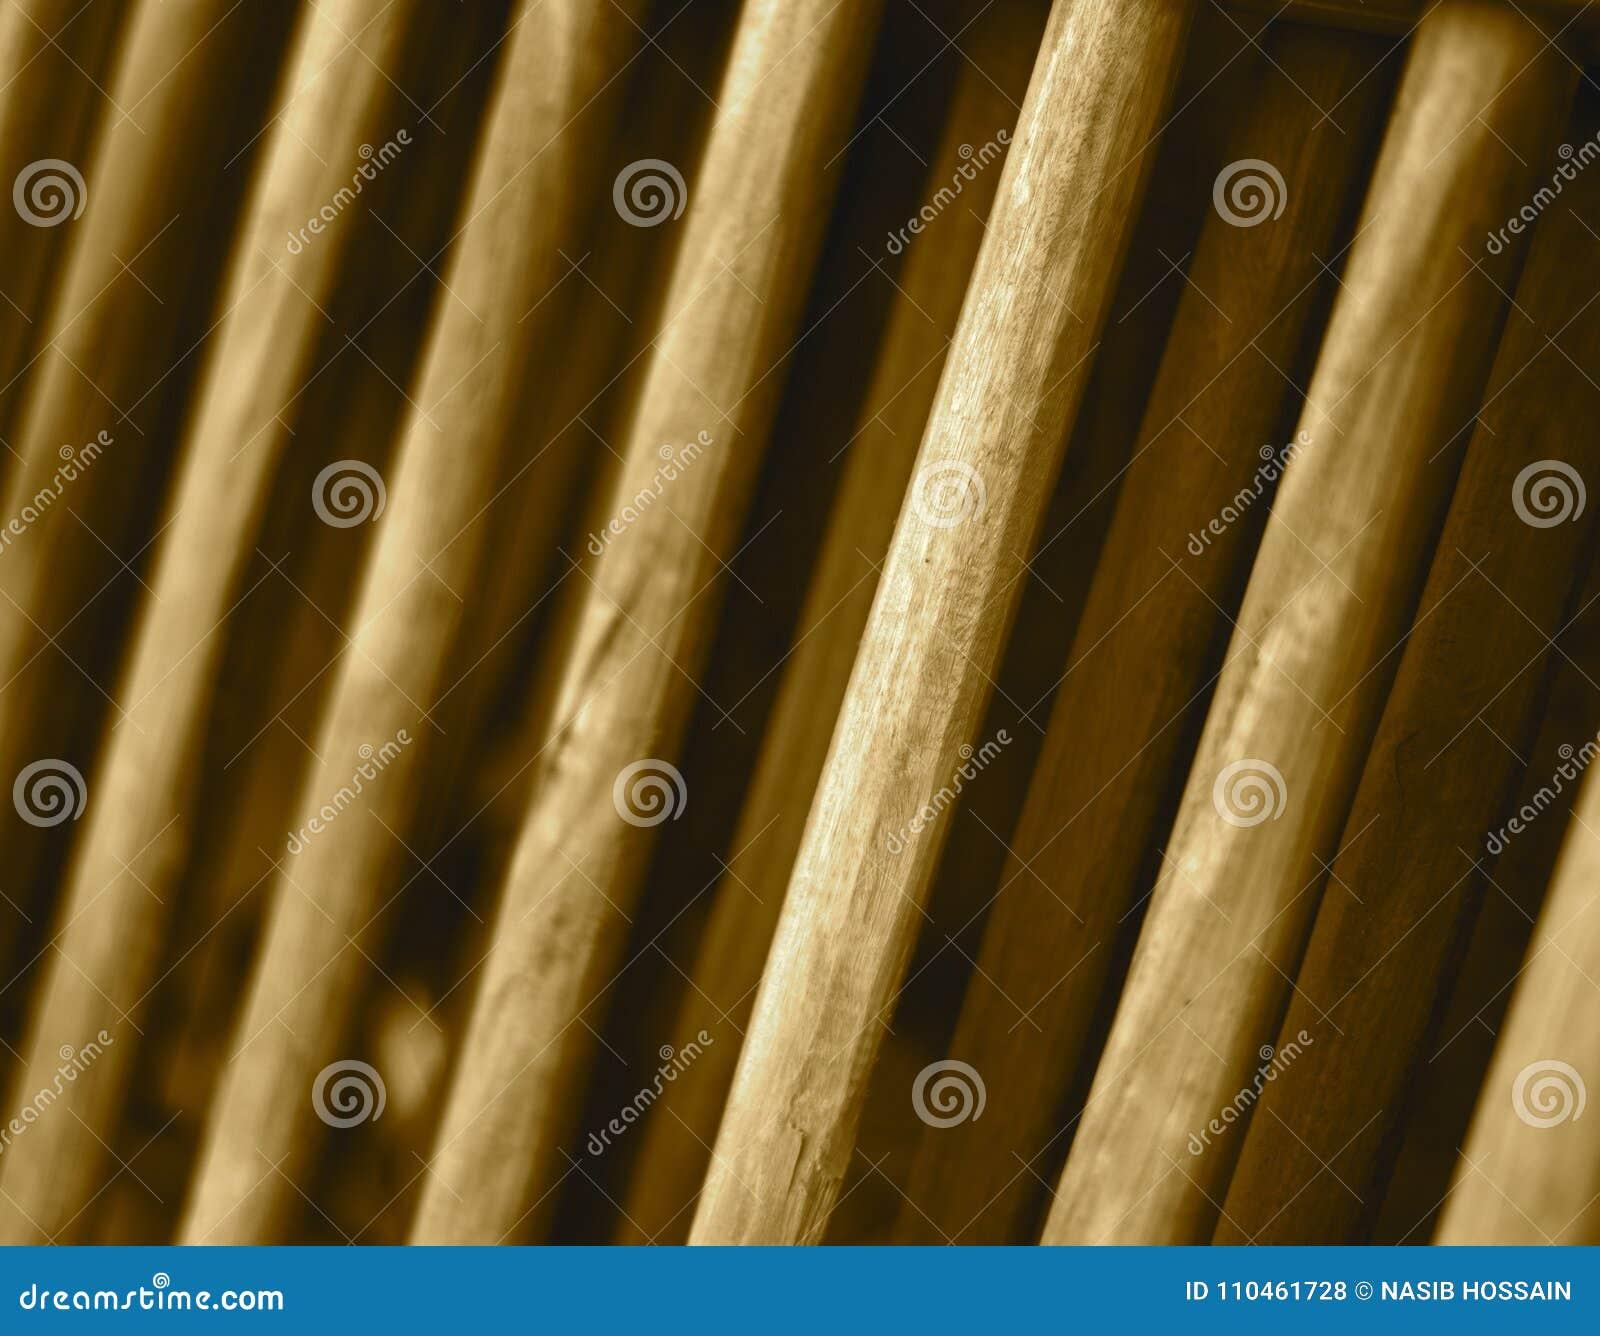 Foto för bakgrund för träobjekt för rund form abstrakt